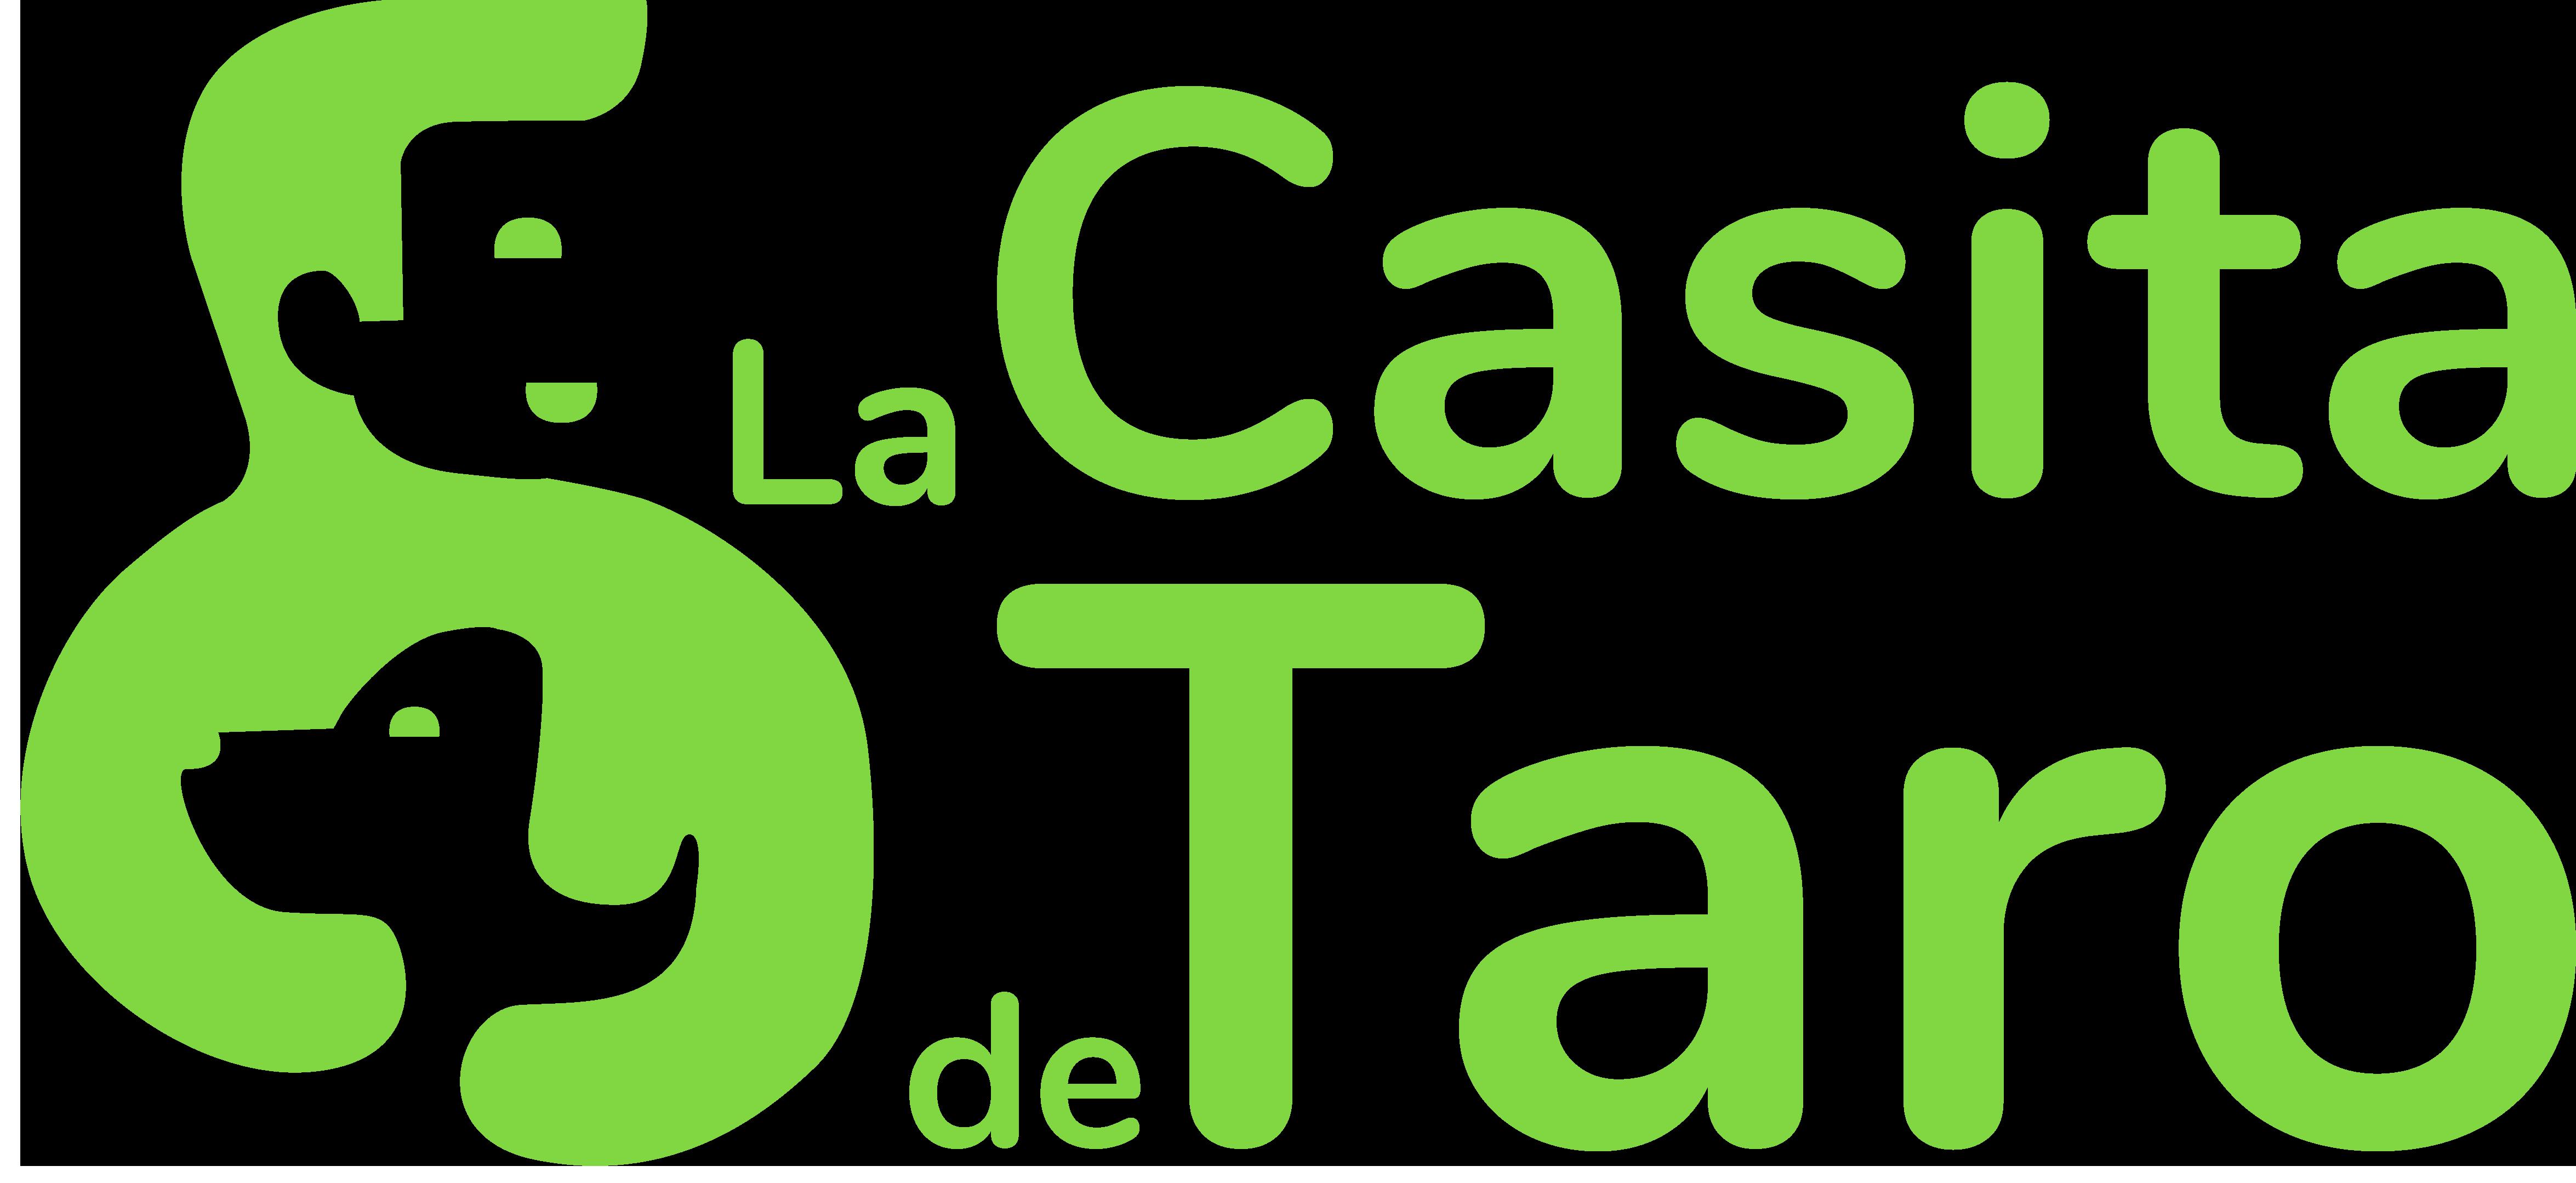 La Casita de Taro - Guardería canina 24 h.